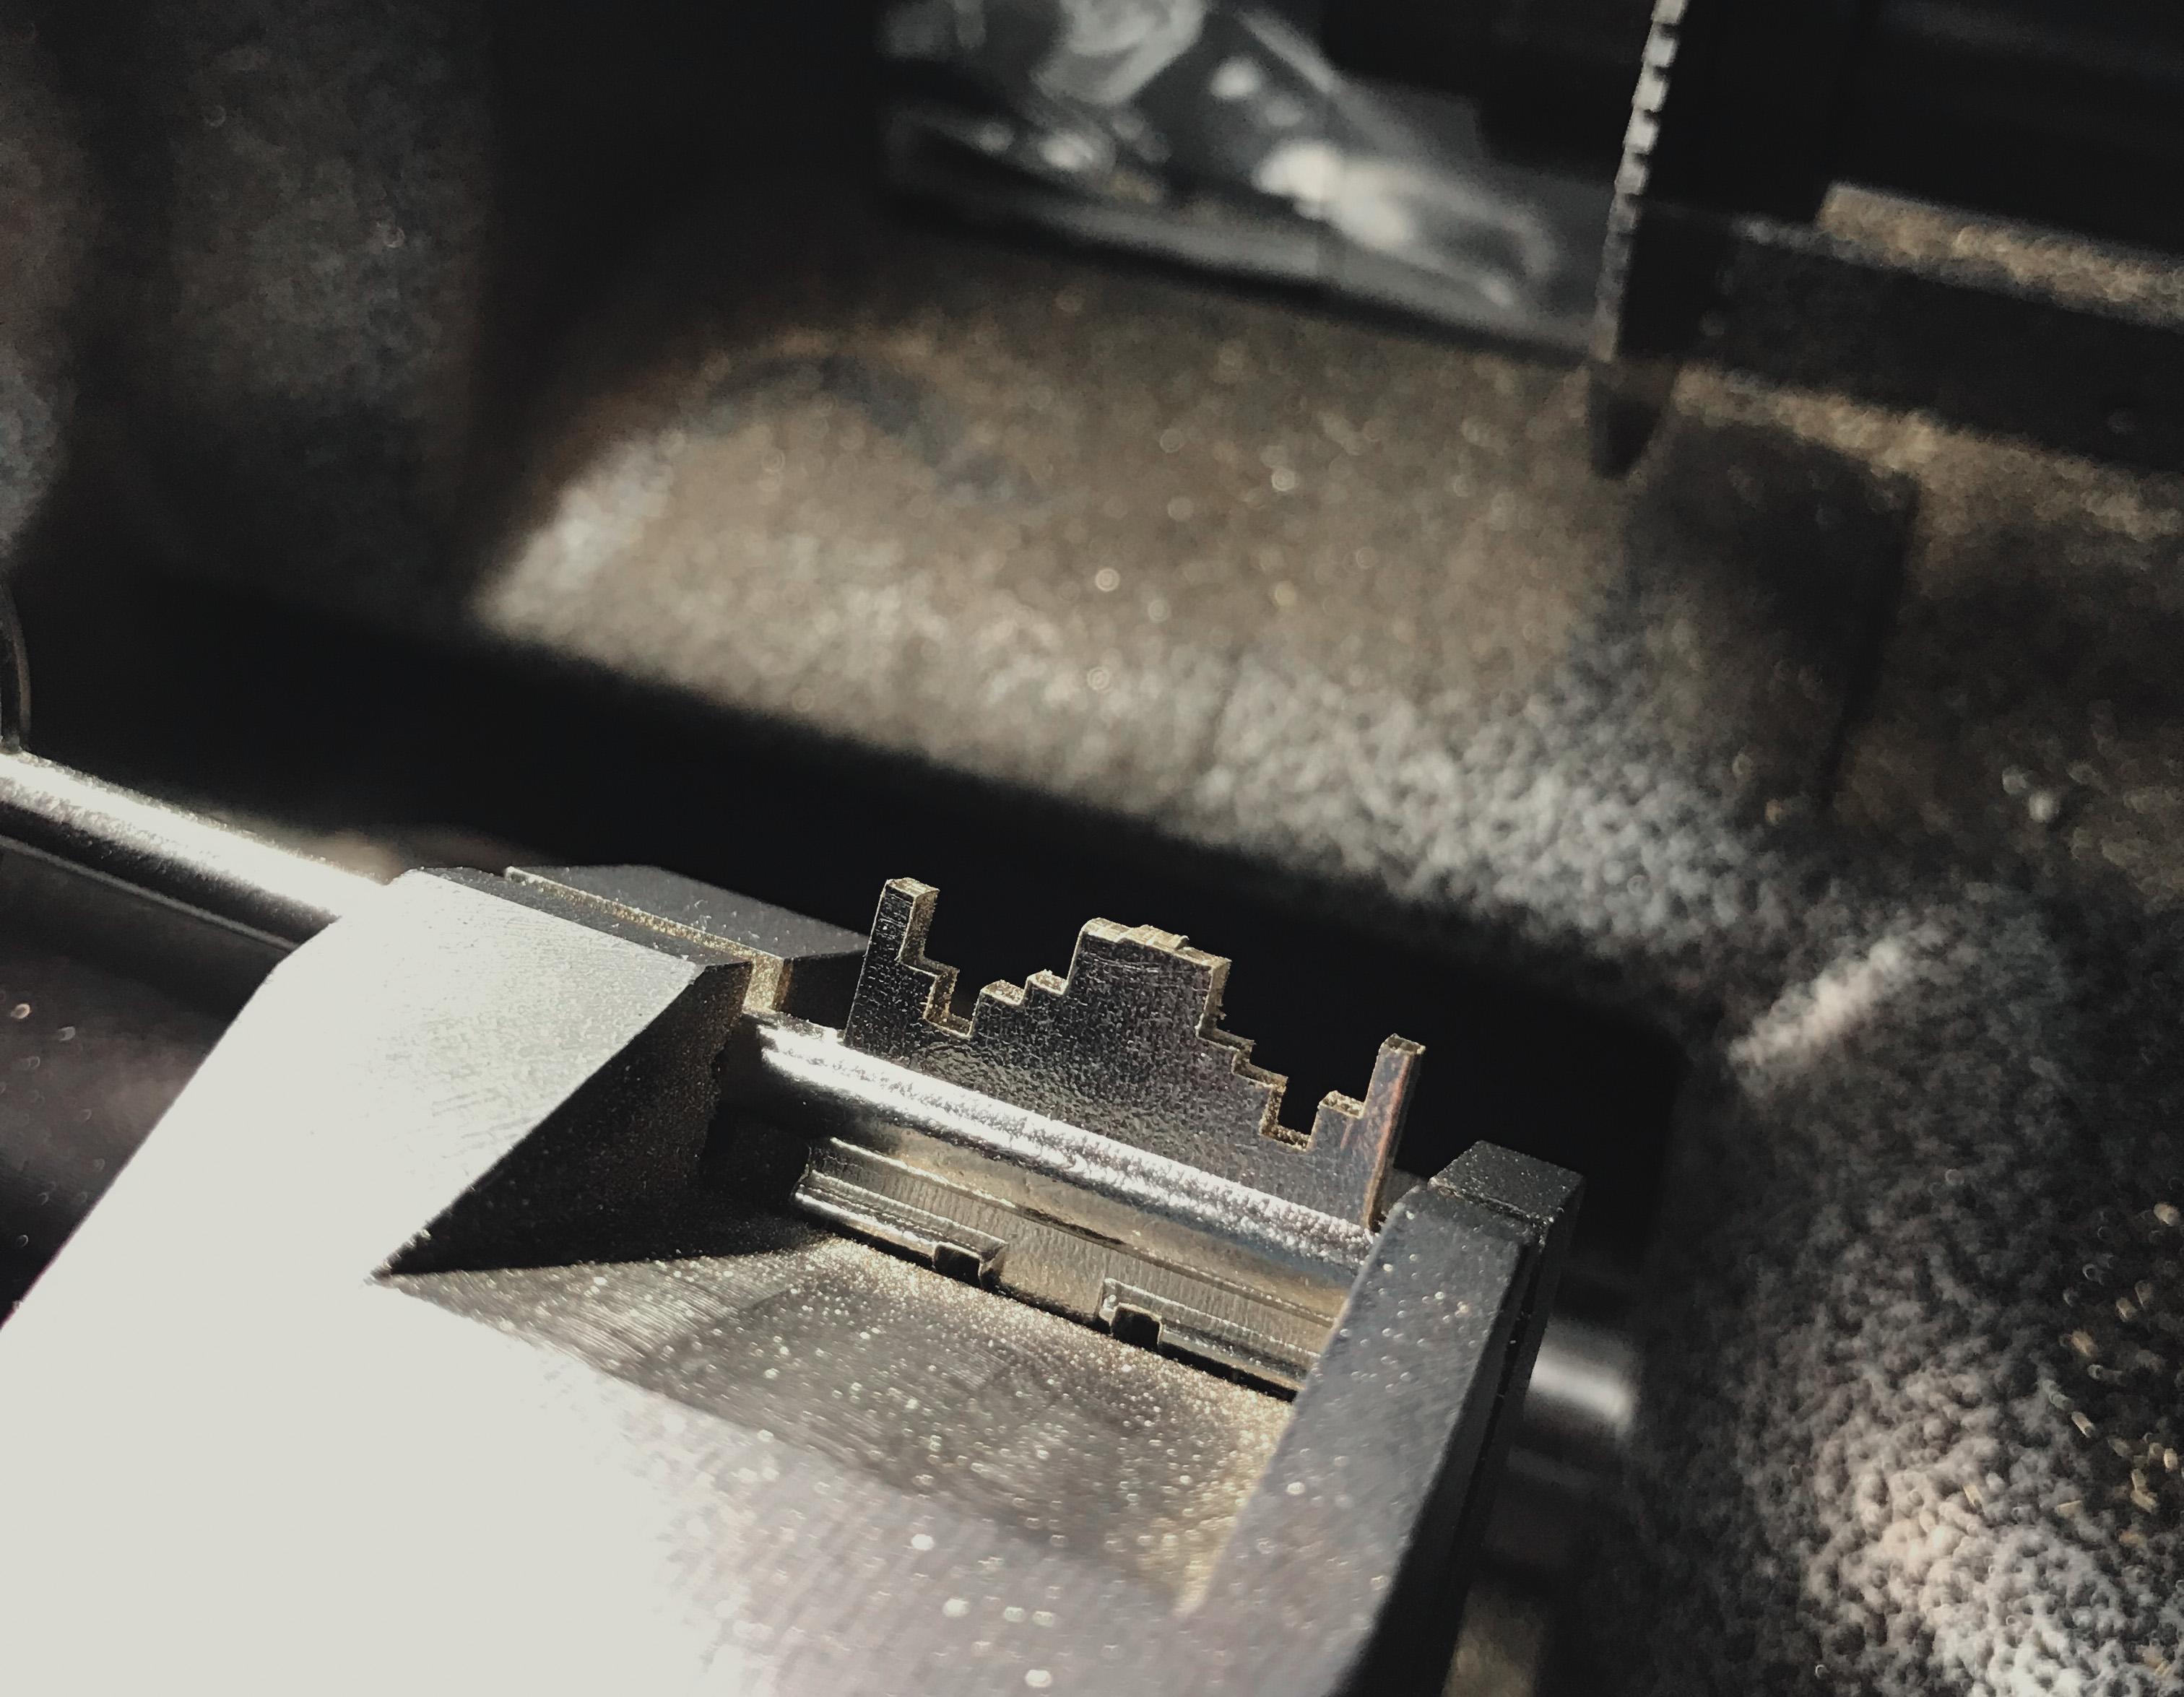 виготовлення сувальдного ключа